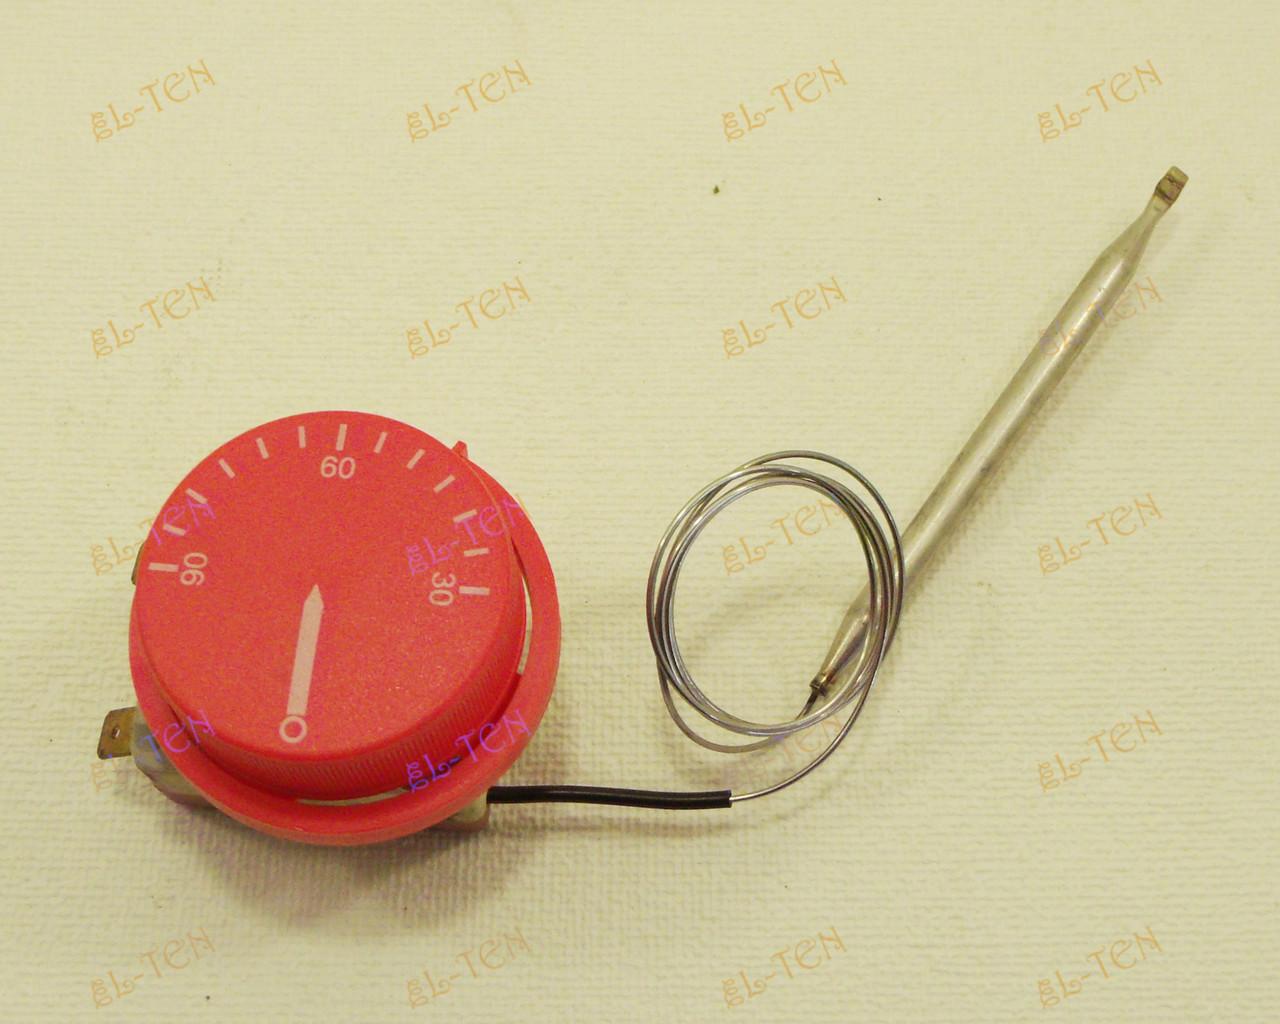 Терморегулятор механический от 30 до 90*С (16 А / 250 В) на 2 контакта. (Для бойлеров, котлов и др.)